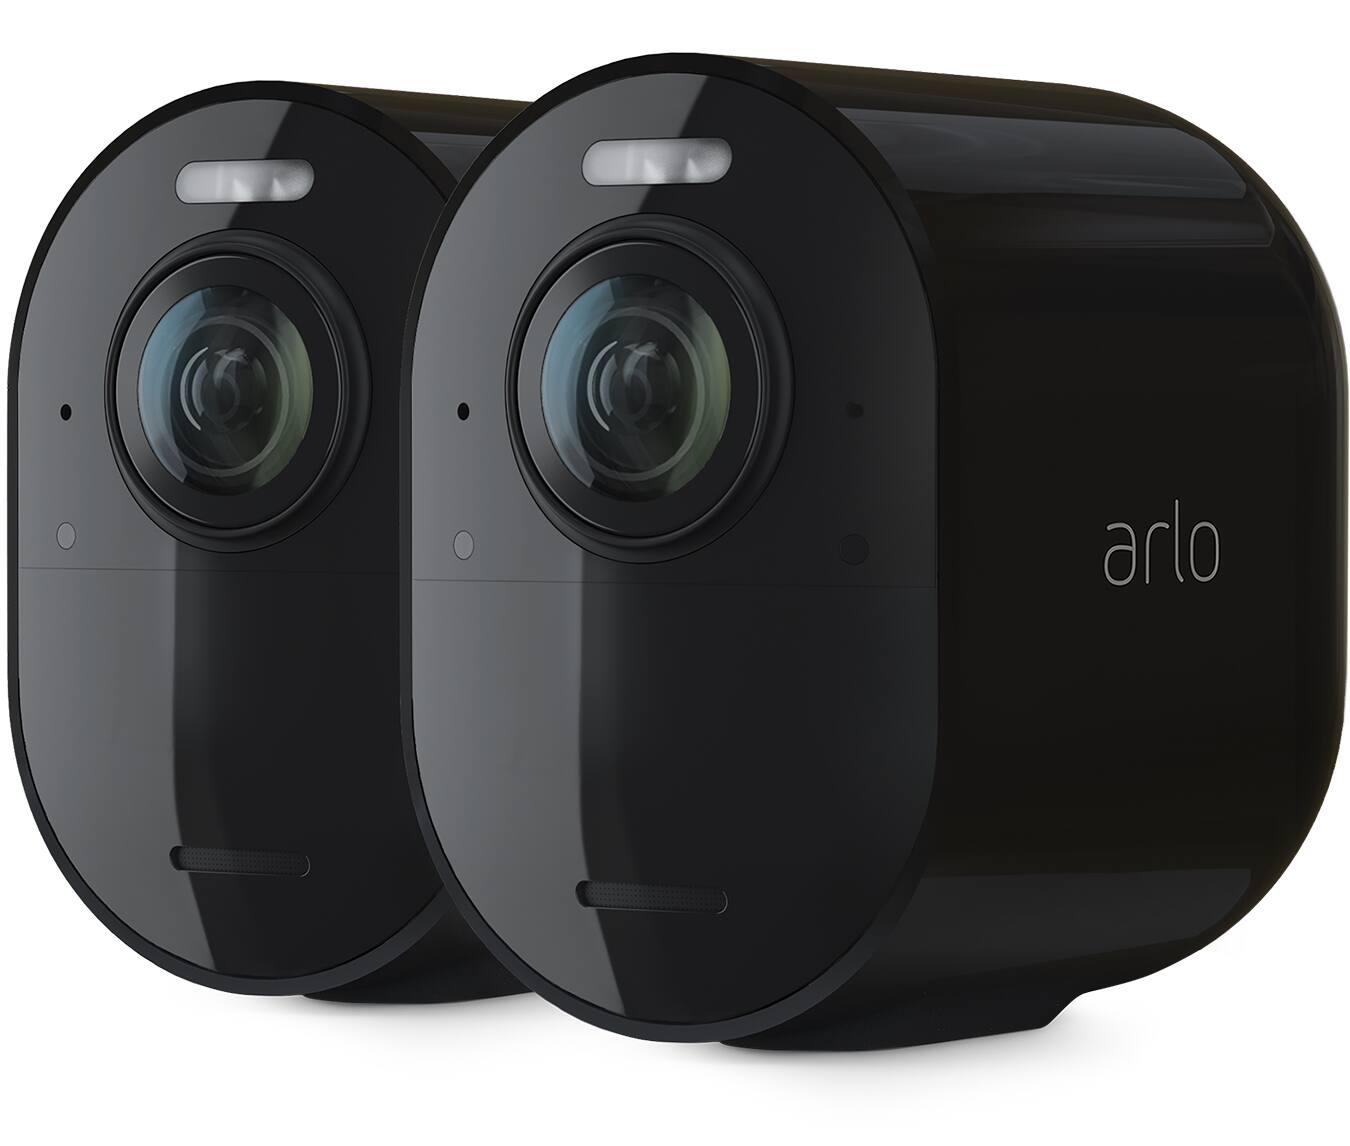 Arlo Ultra 2 Spotlight Camera (2 Camera System, Black) - $499.99 + Free Shipping